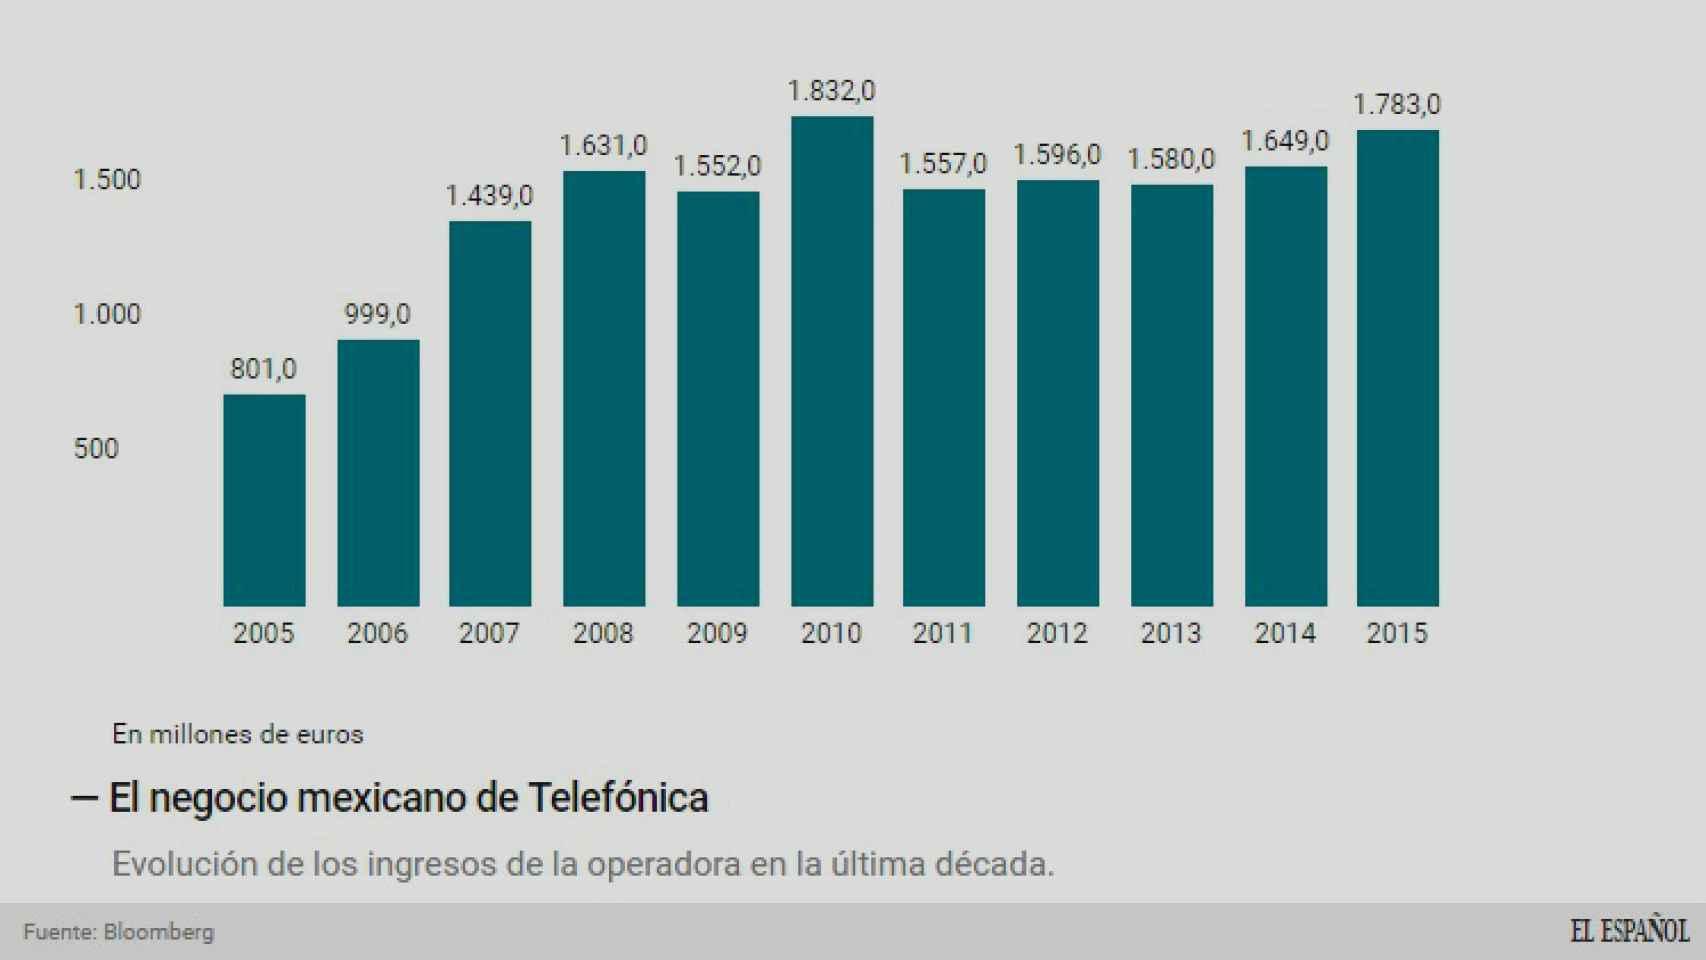 El negocio mexicano de Telefónica.